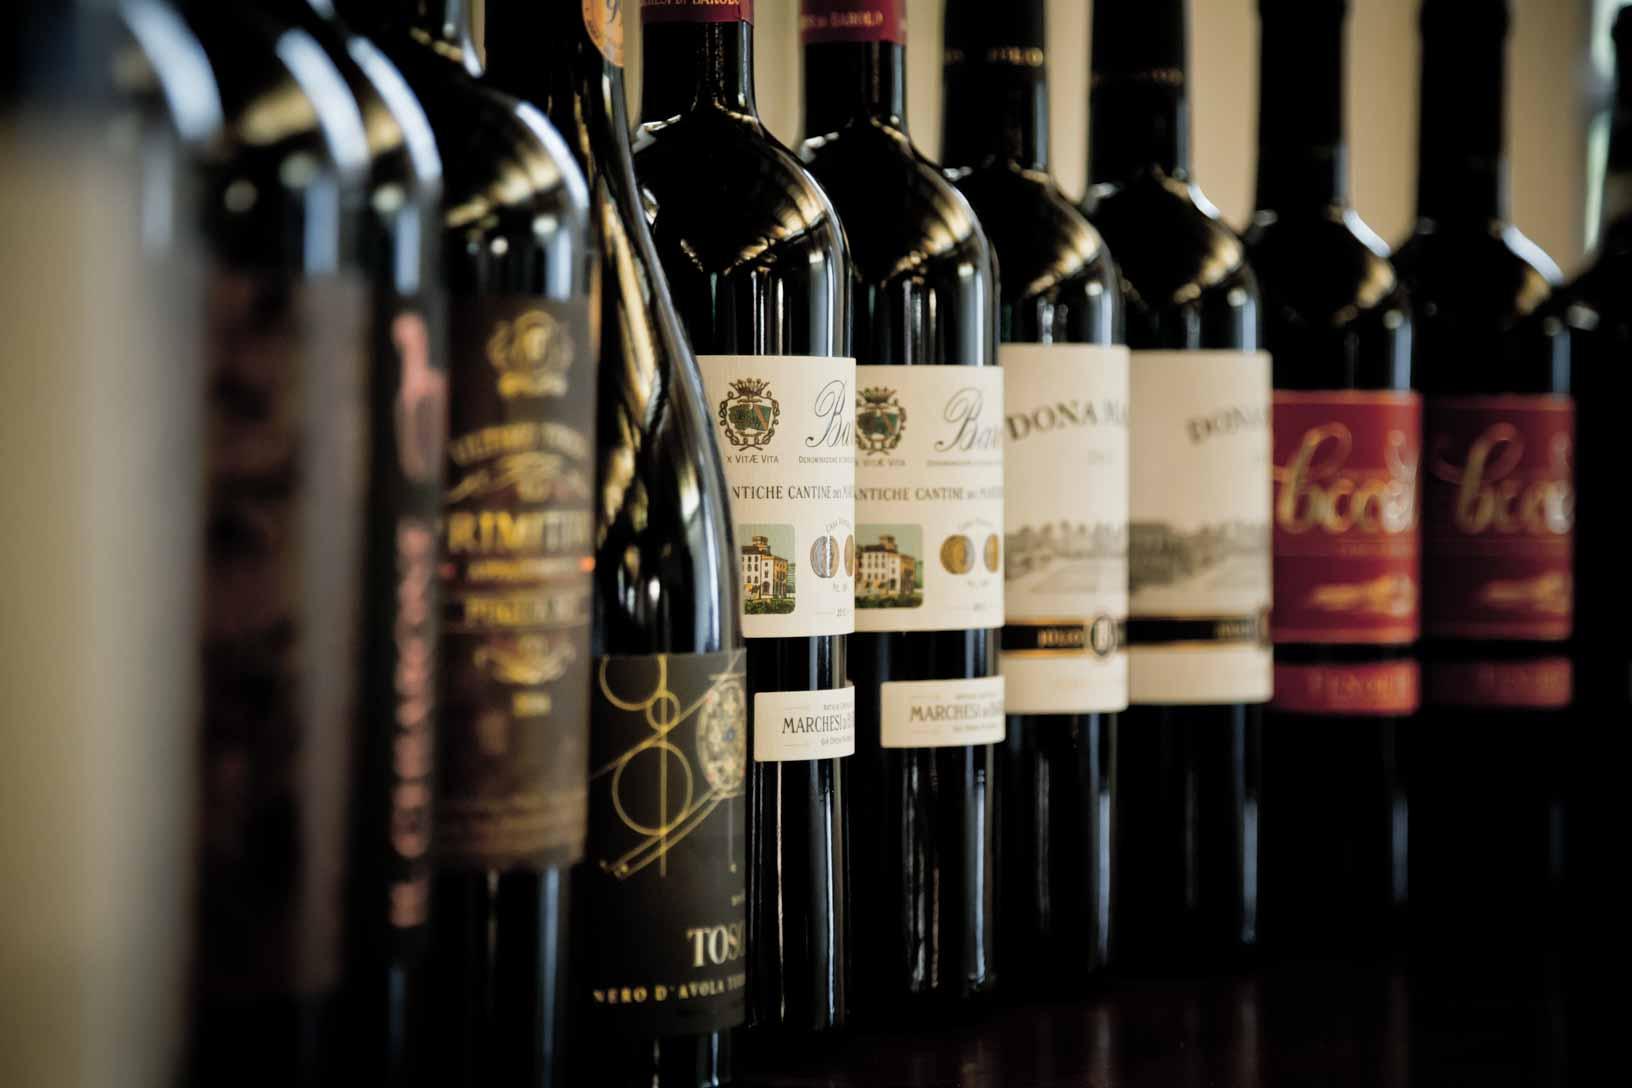 Wine_Dine-2_Wine